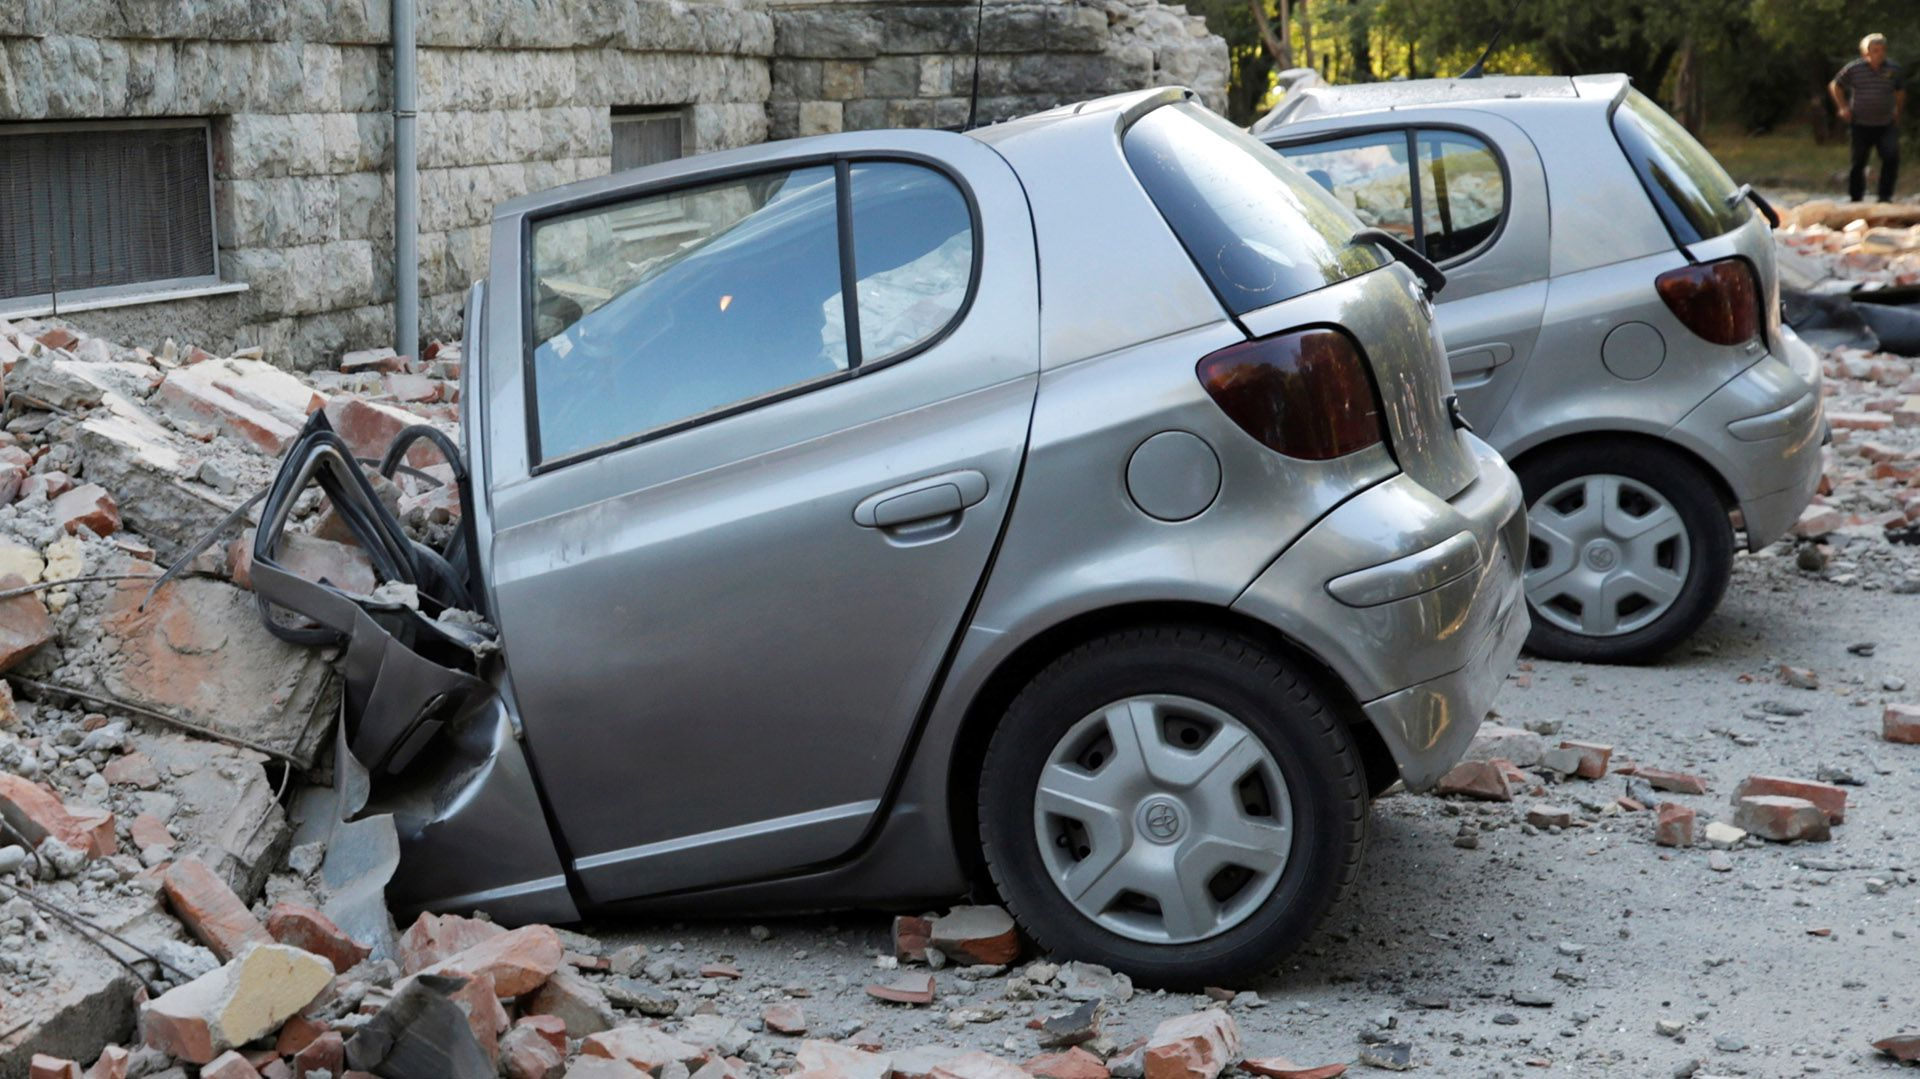 Automóviles destruidos junto a un edificio derrumbado tras el terremoto en Albania (REUTERS/Florion Goga)